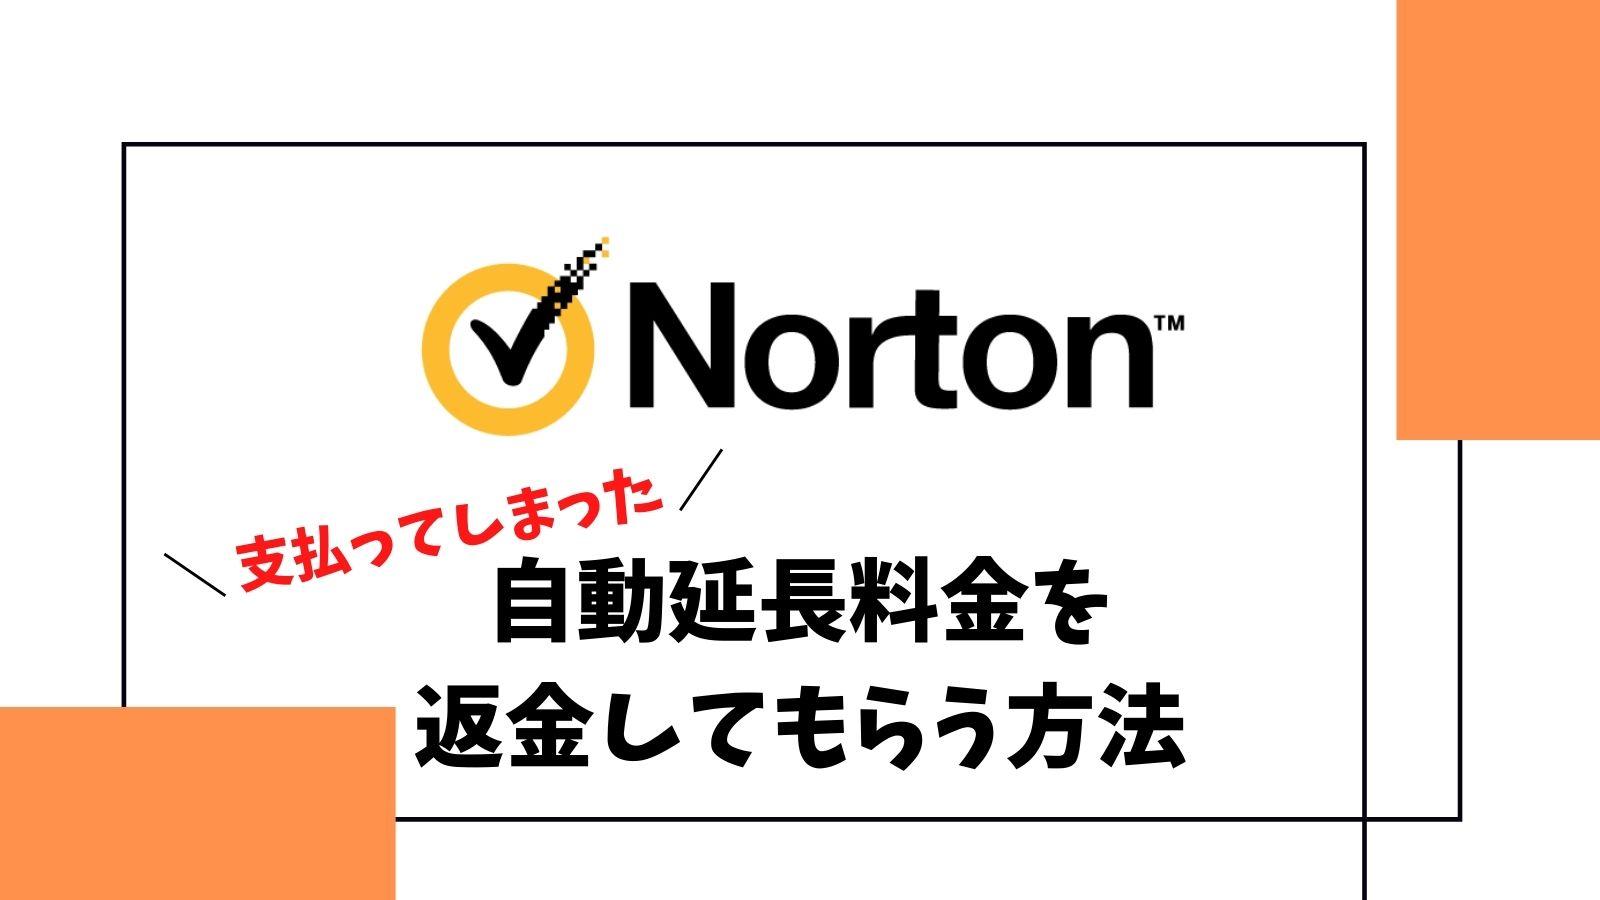 ノートンの自動延長料金を返金する方法!手順や注意点を徹底解説